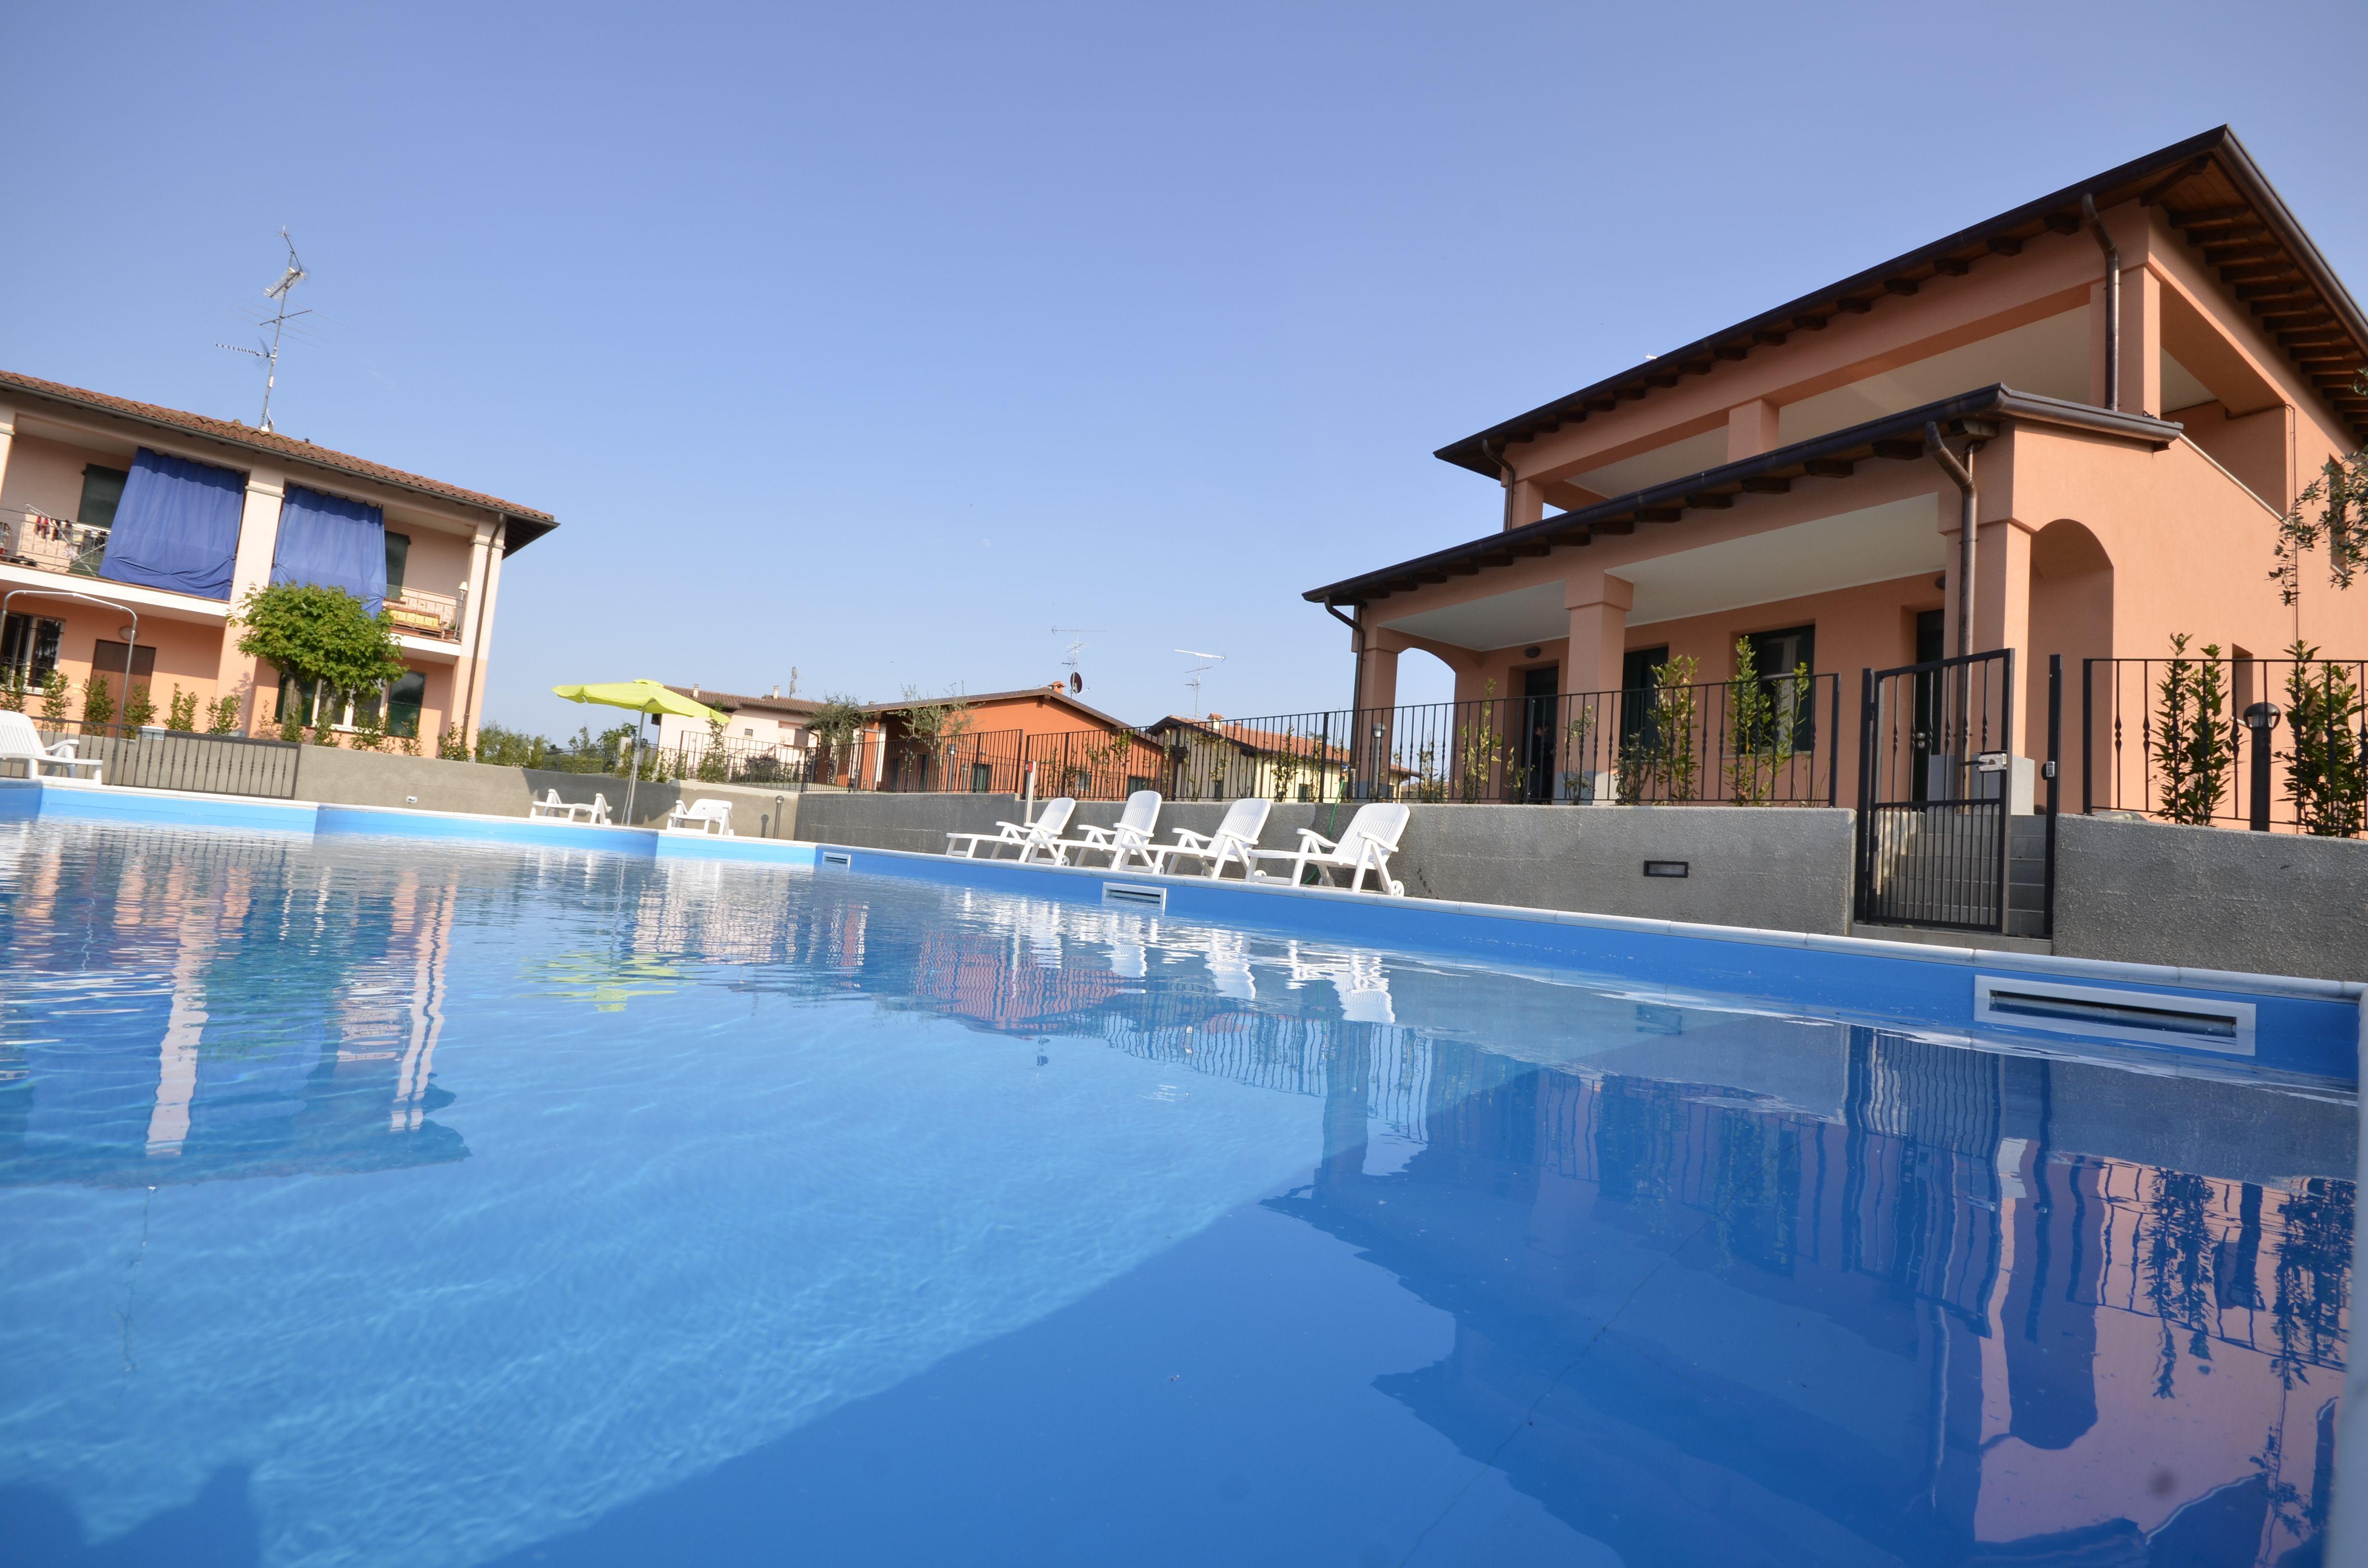 Residence Barcarola pool